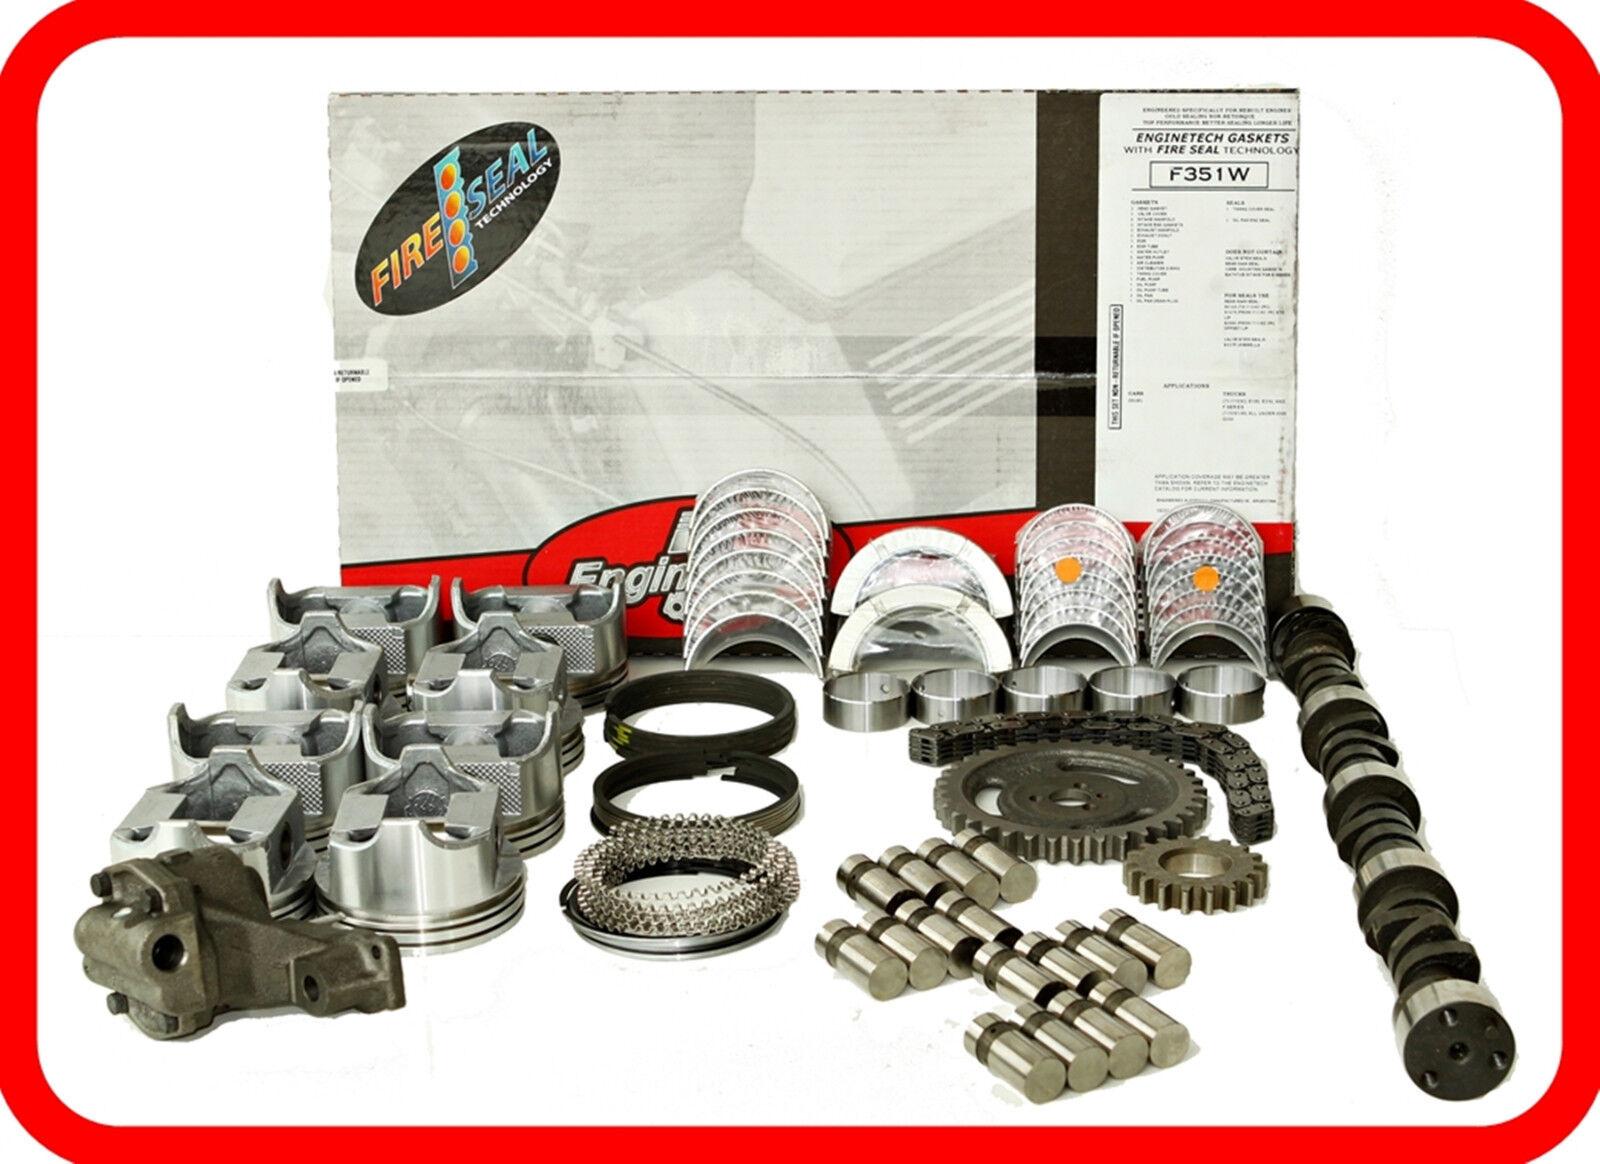 Details about 1962-1969 Chevrolet 327 5 4L V8 Master Engine Rebuild Kit w/  Stage-2 HP Camshaft